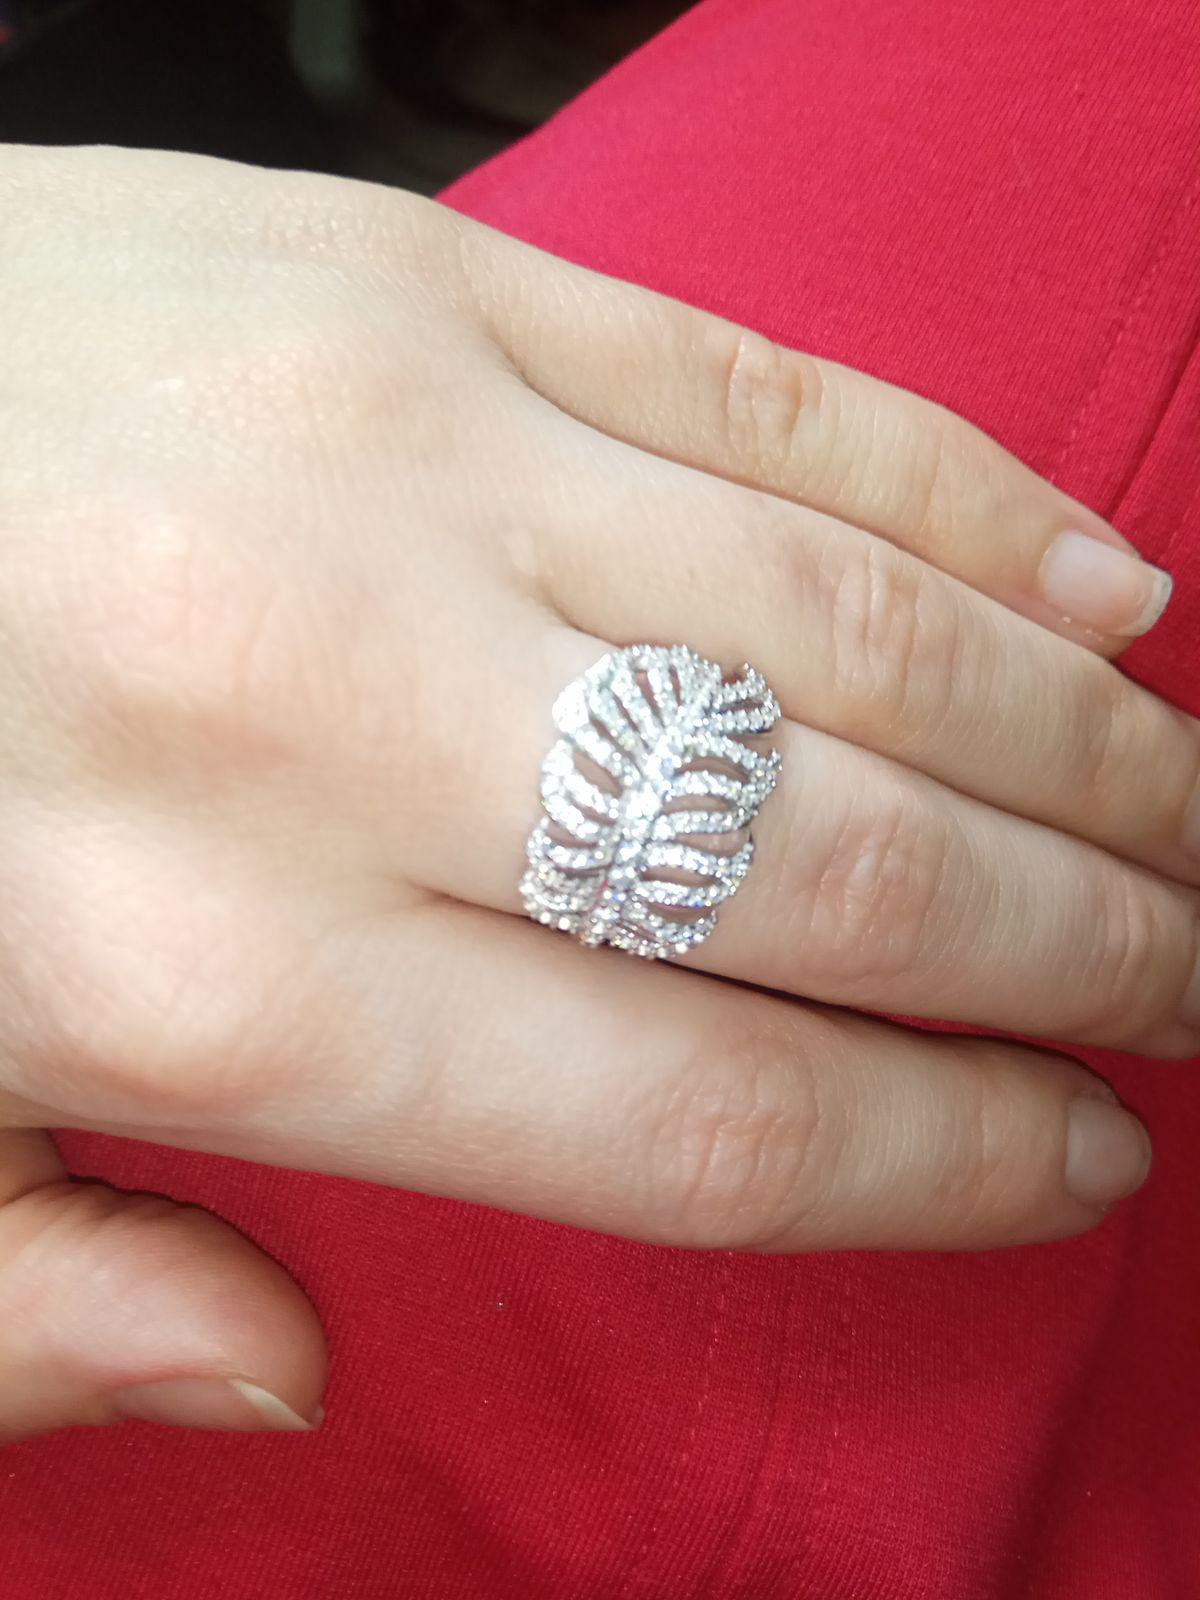 Кольцо просто волшебное.